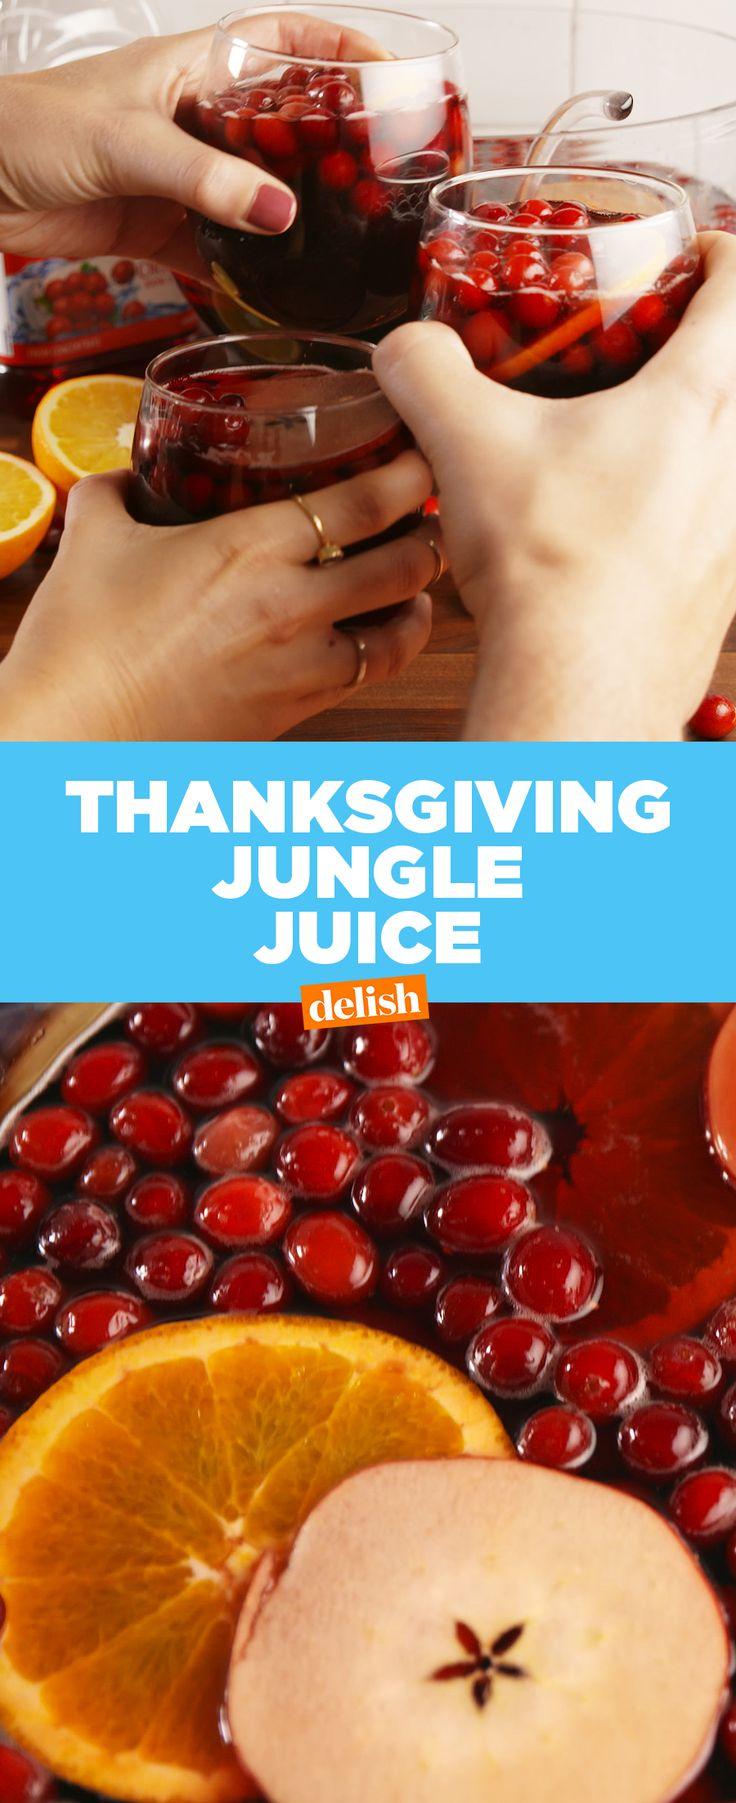 Best 25+ Jungle juice recipes ideas on Pinterest | Alcoholic drinks kool aid, Jungle juice plus ...